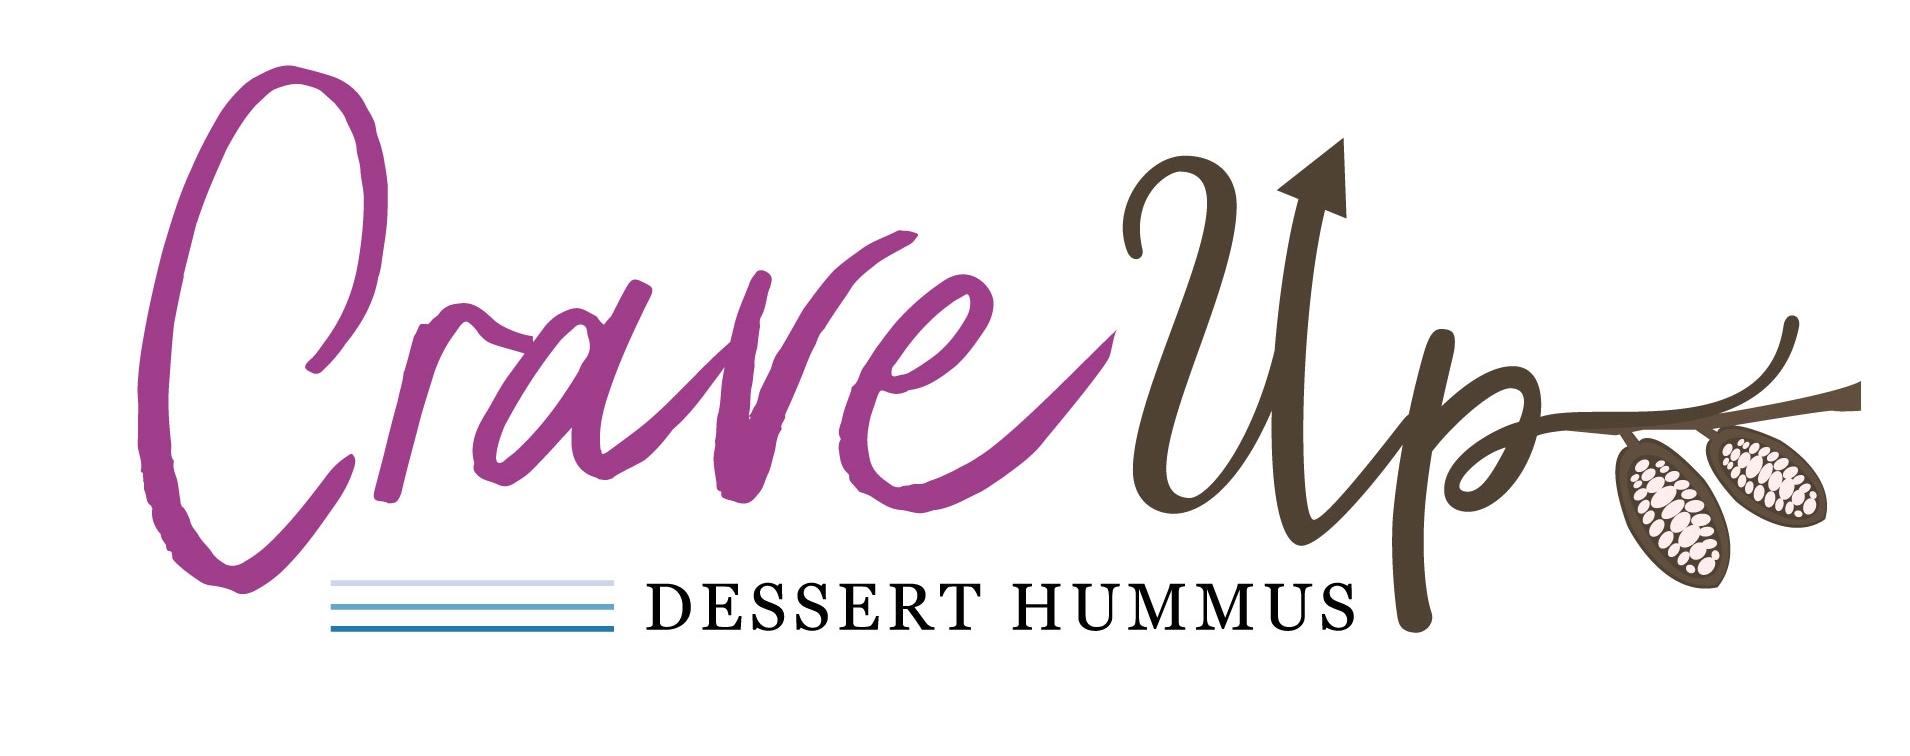 craveup-hummus